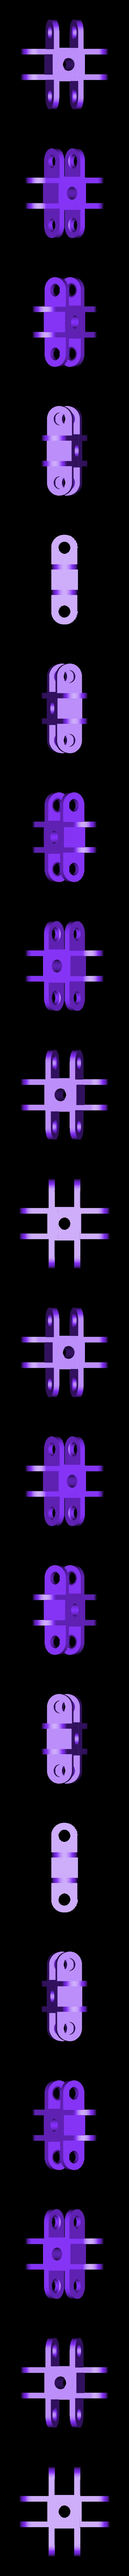 clip_x4.stl Download free STL file ChainClip Construction Set • 3D print template, ferjerez3d